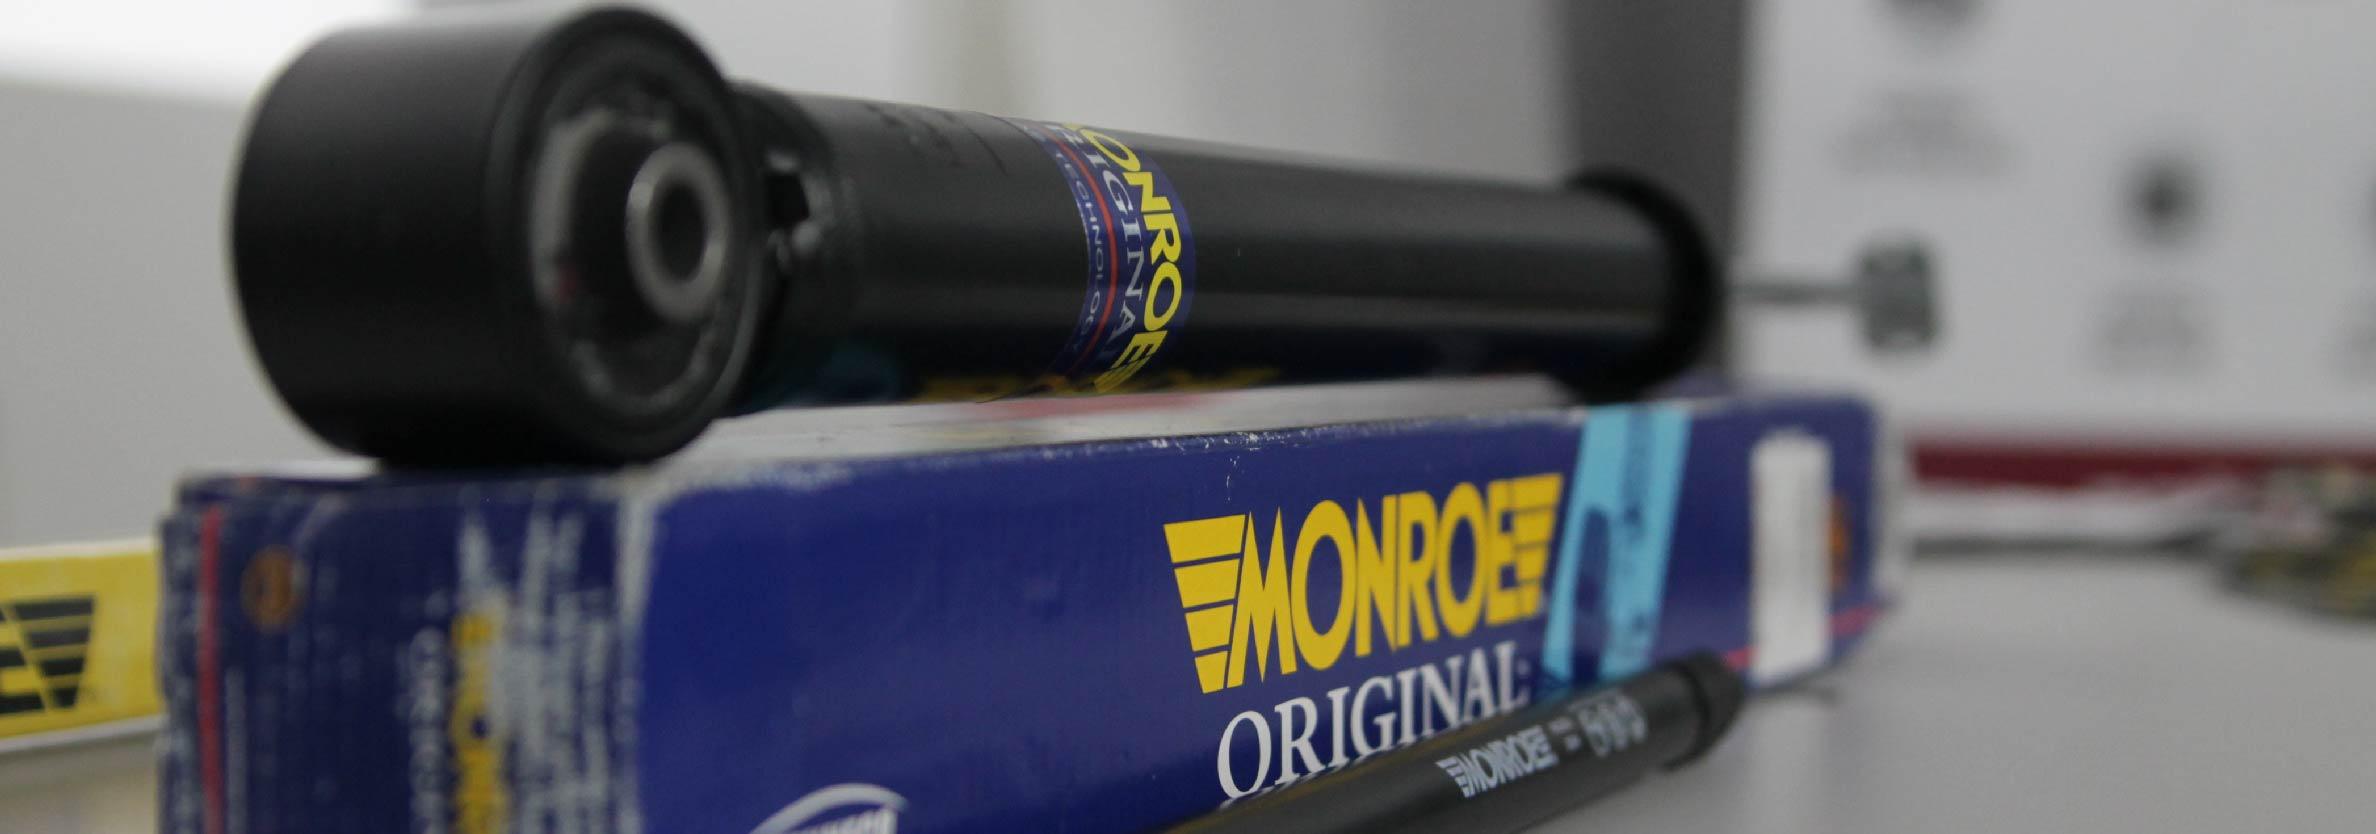 Garage Gurus: амортизаторы MONROE